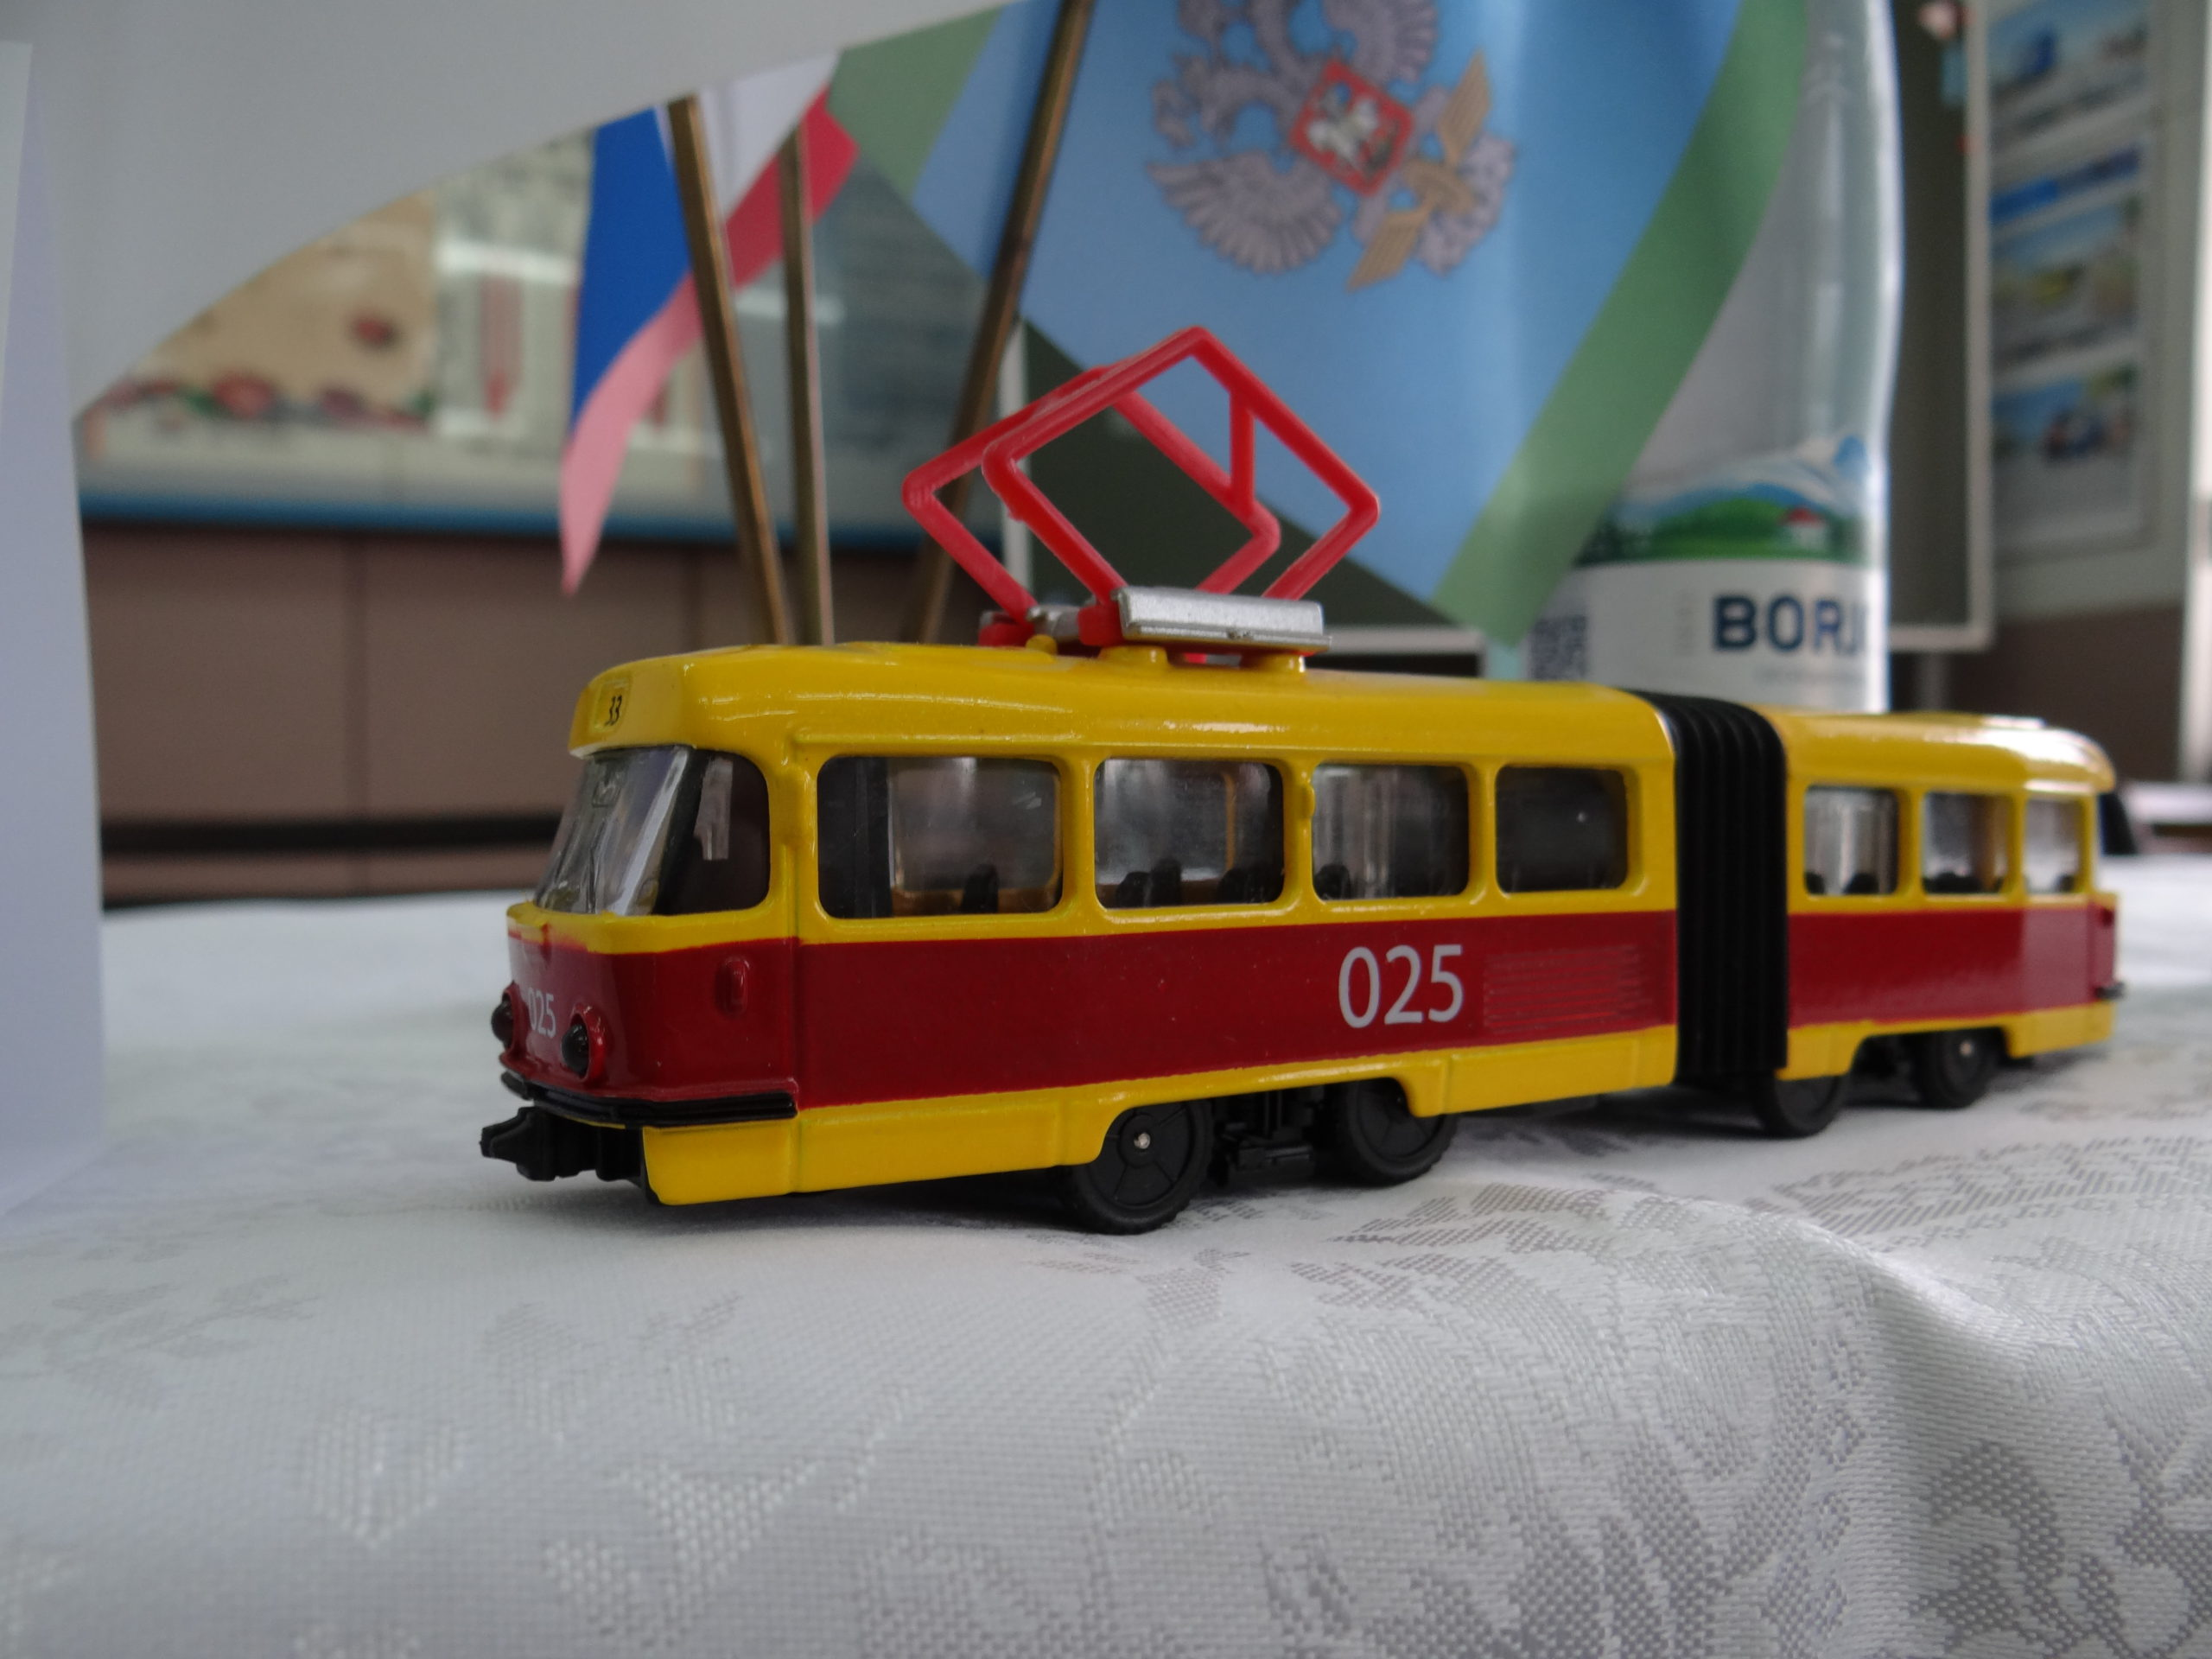 Read more about the article В филиале «Трамвайное депо» МП г. Омска «Электрический транспорт прошел экзамен по повышению классности водителей трамвая